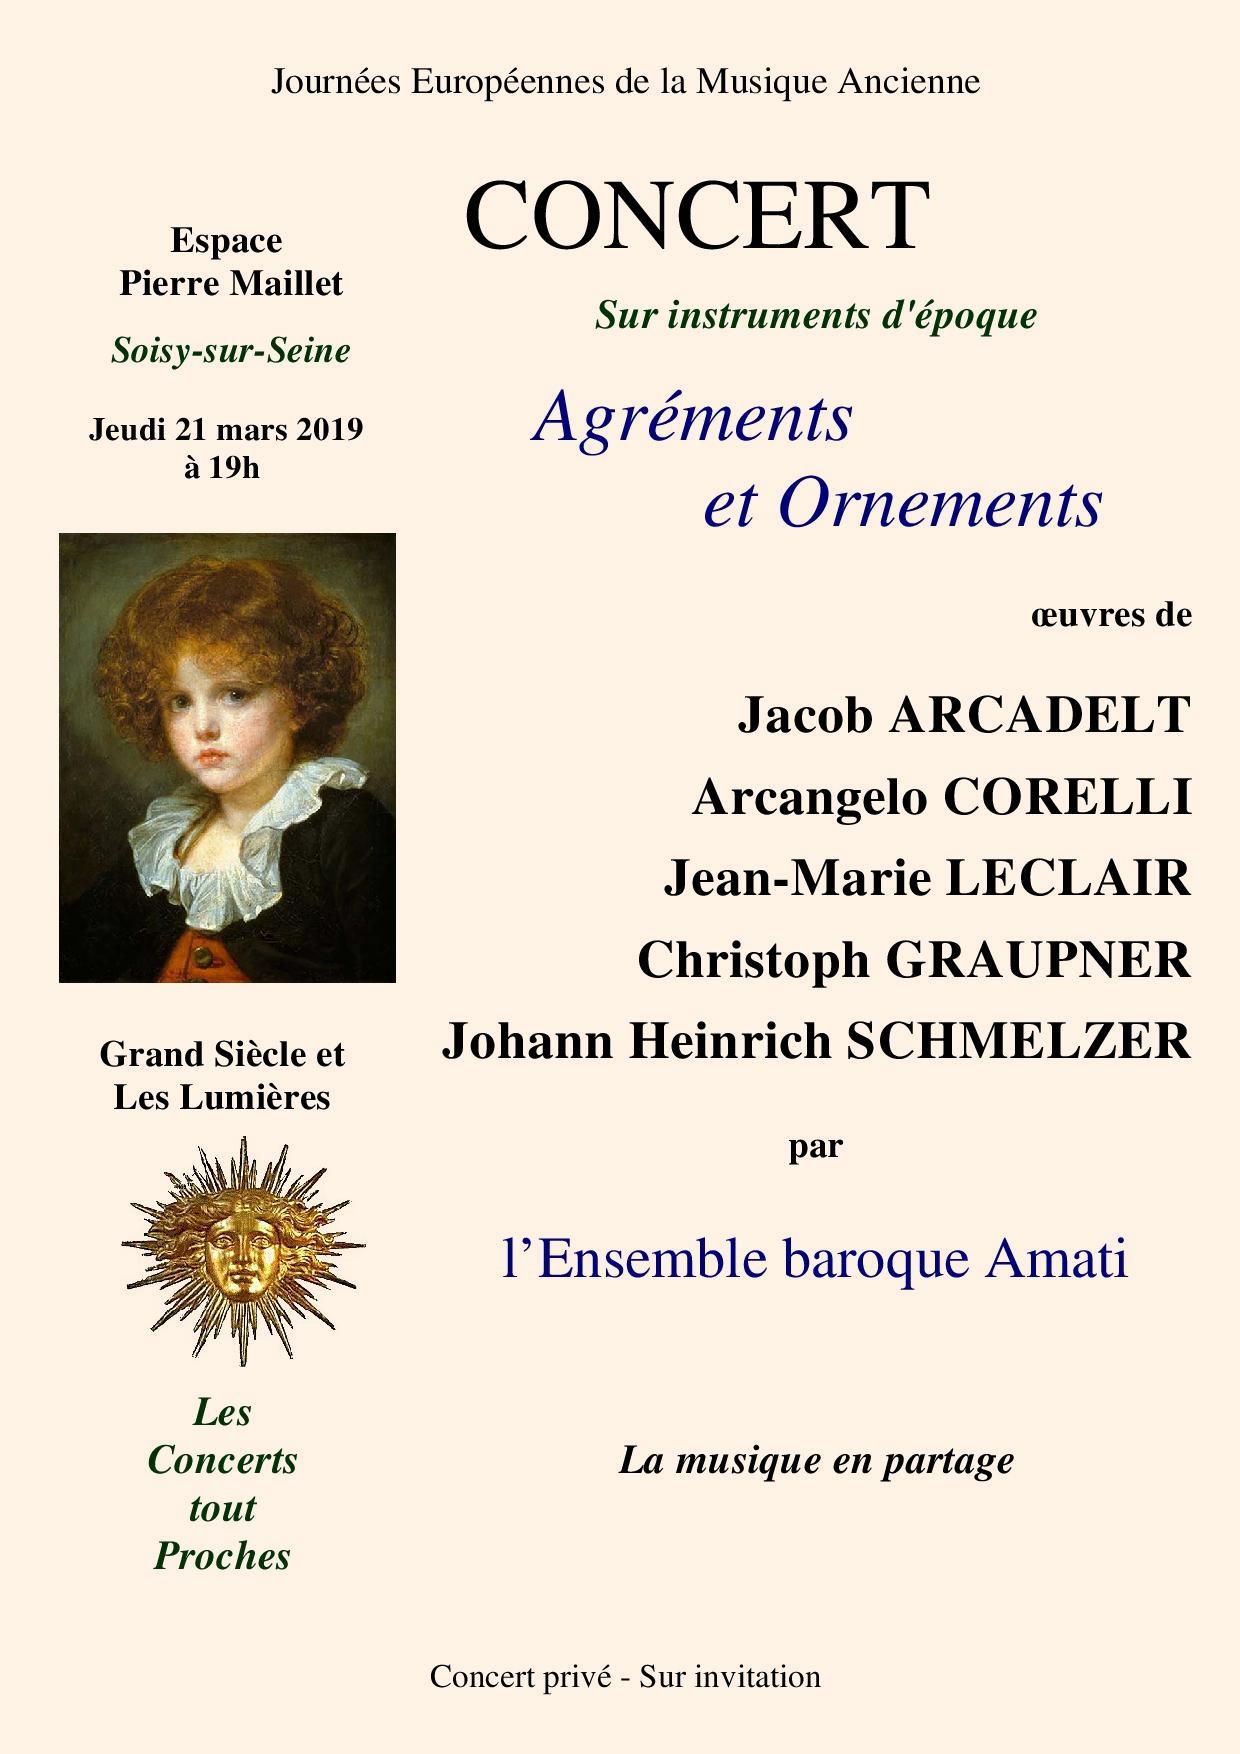 Agréments et Ornements